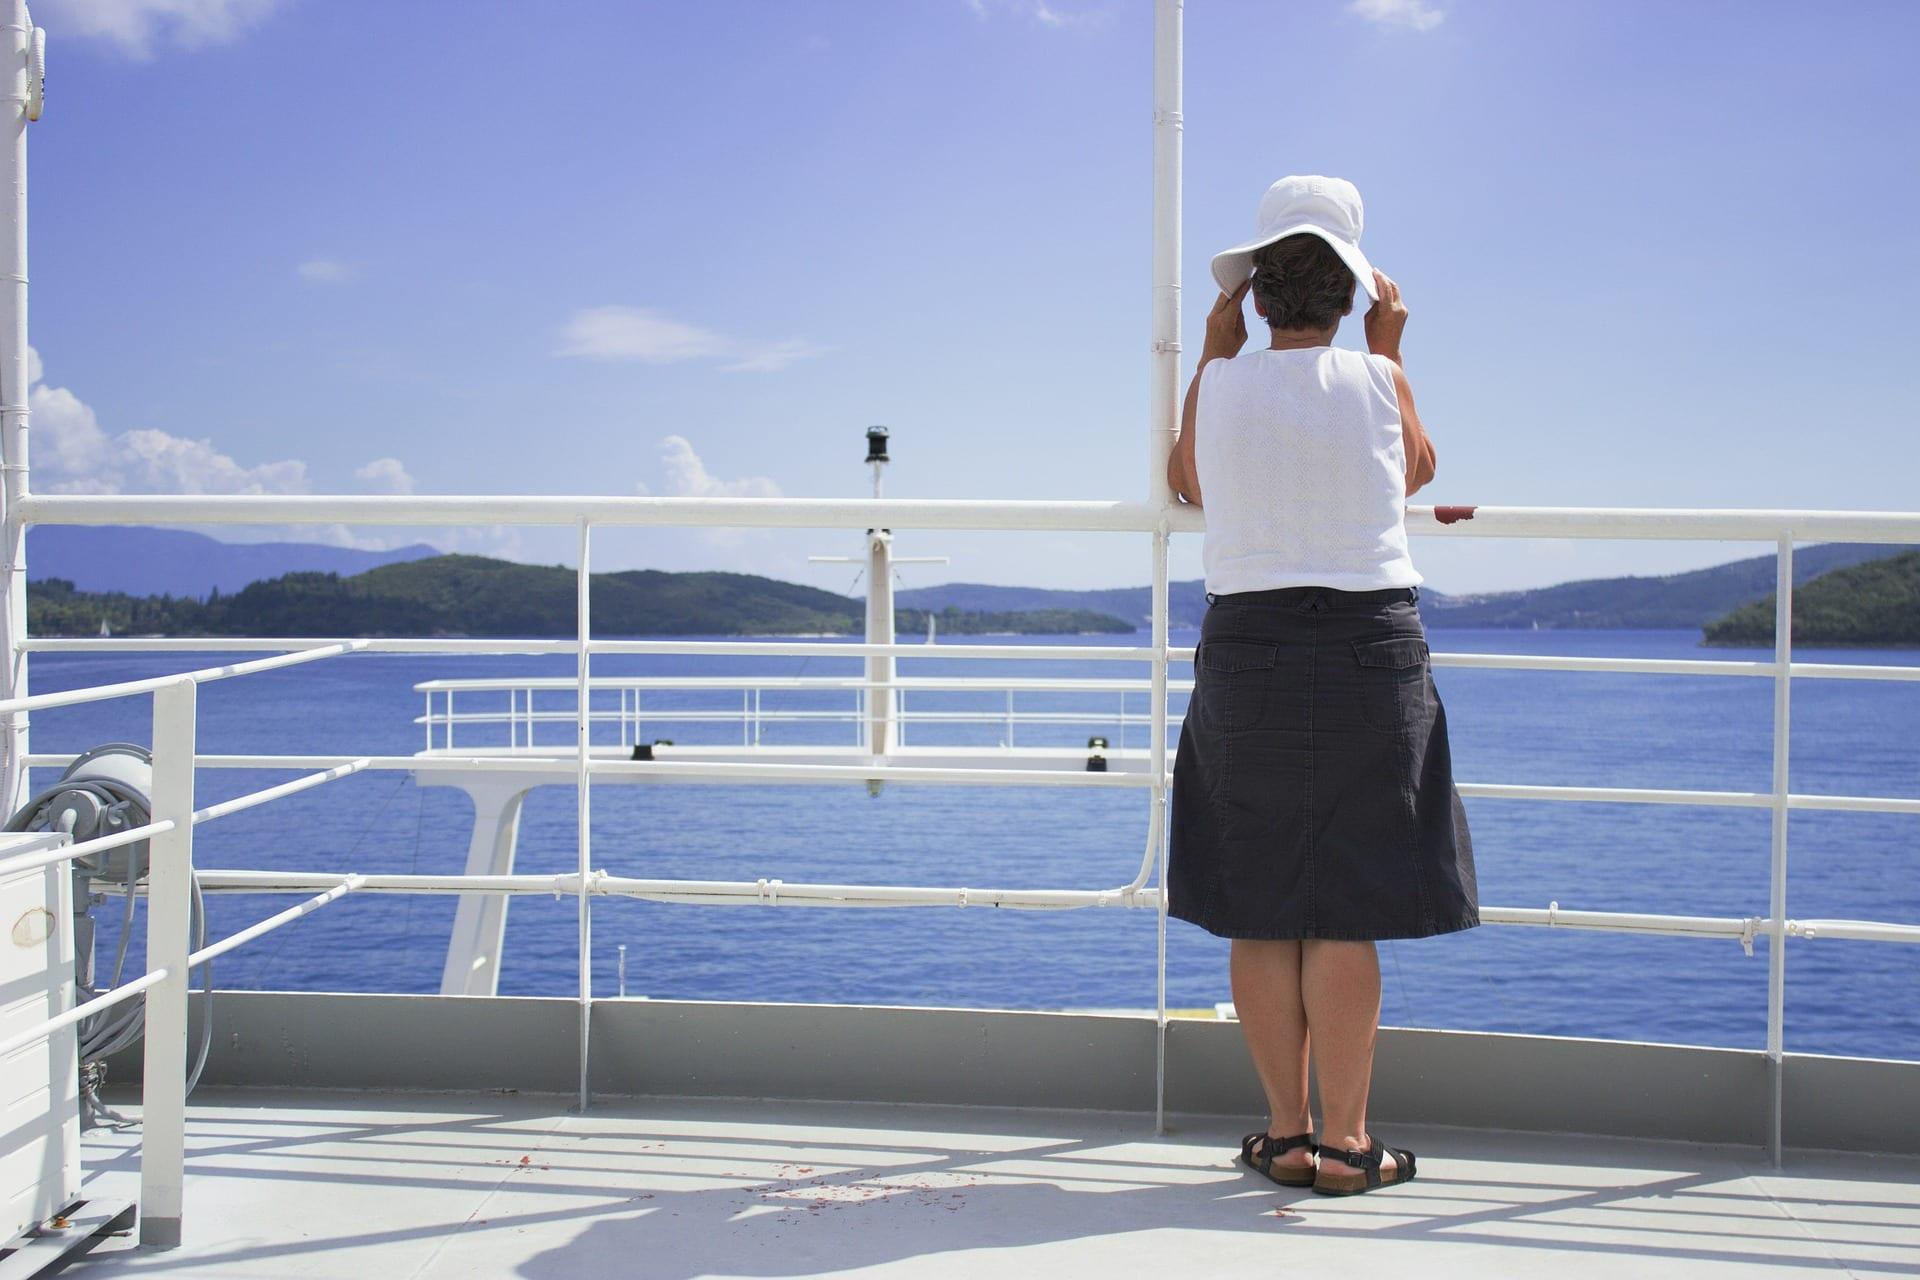 femme_croisière_bateau